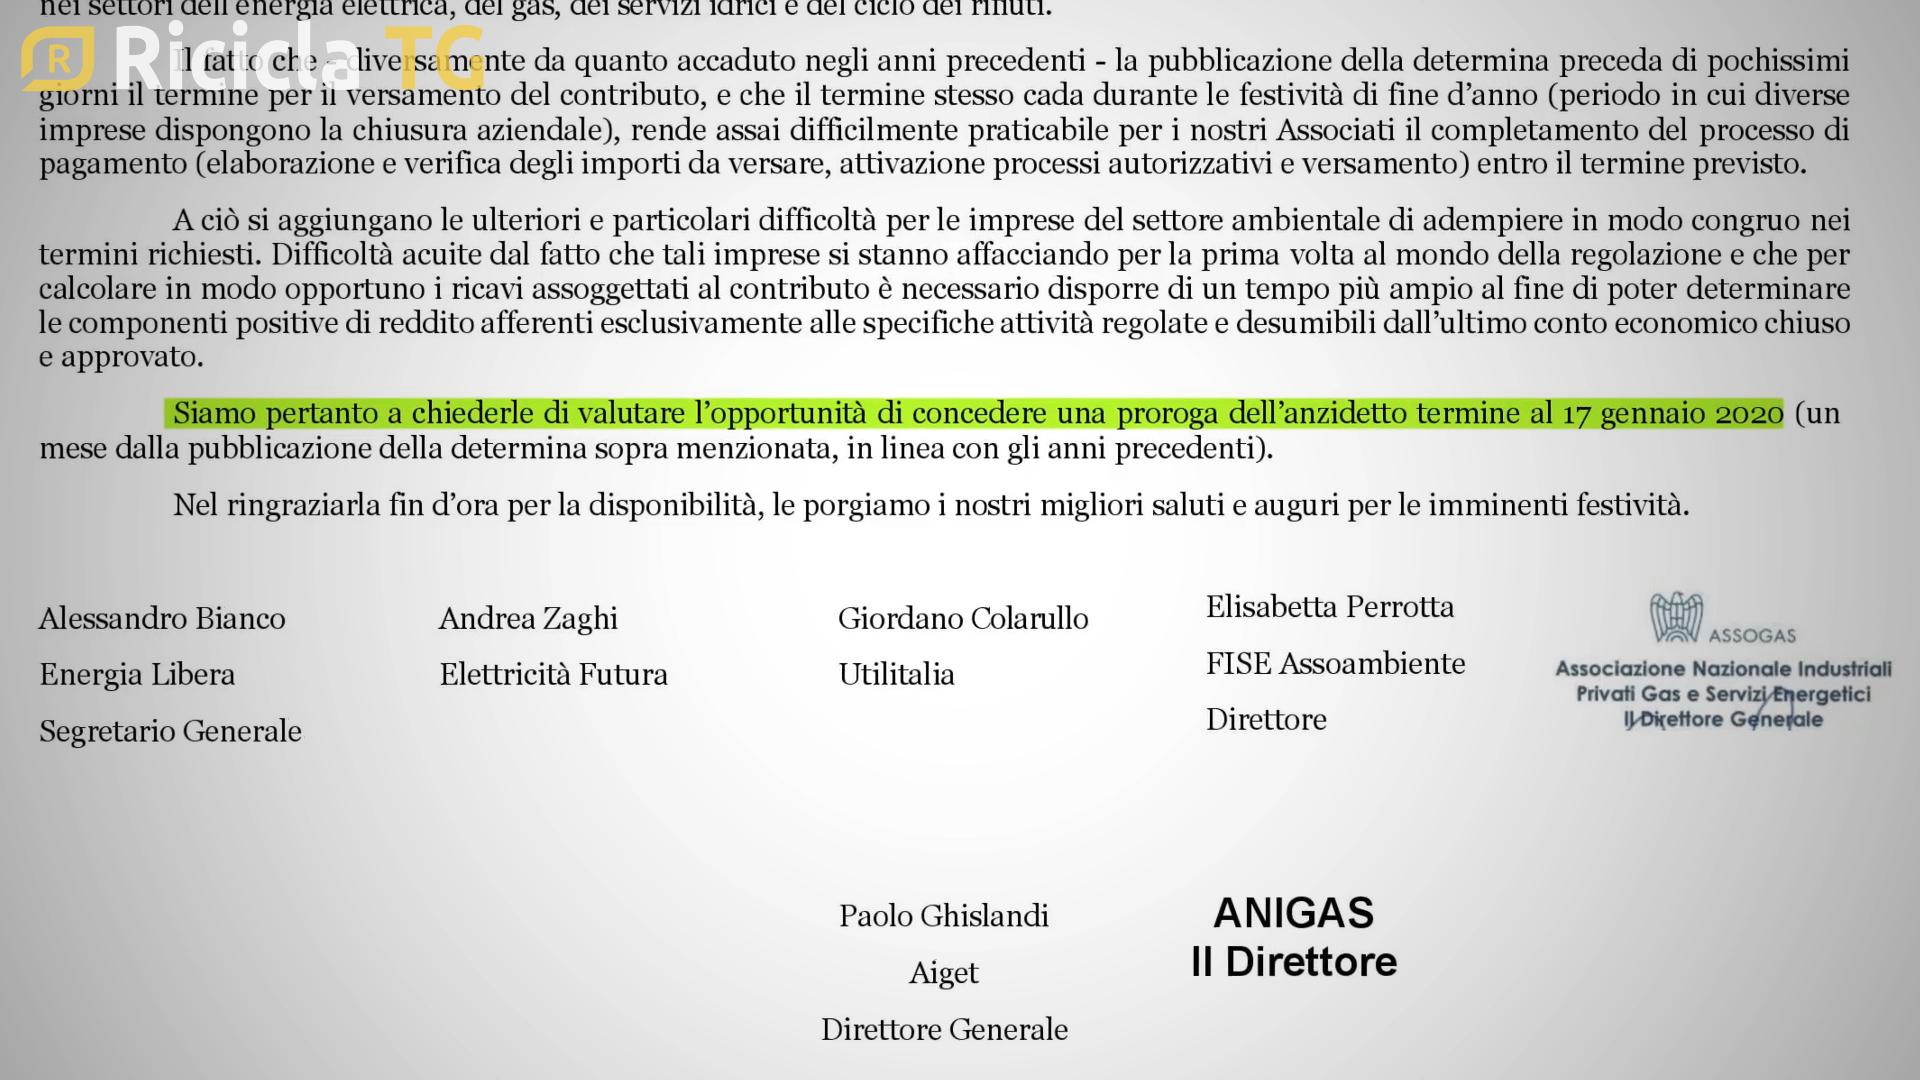 ARERA, IMPRESE CONTRO LA DELIBERA DELLA DISCORDIA - TG